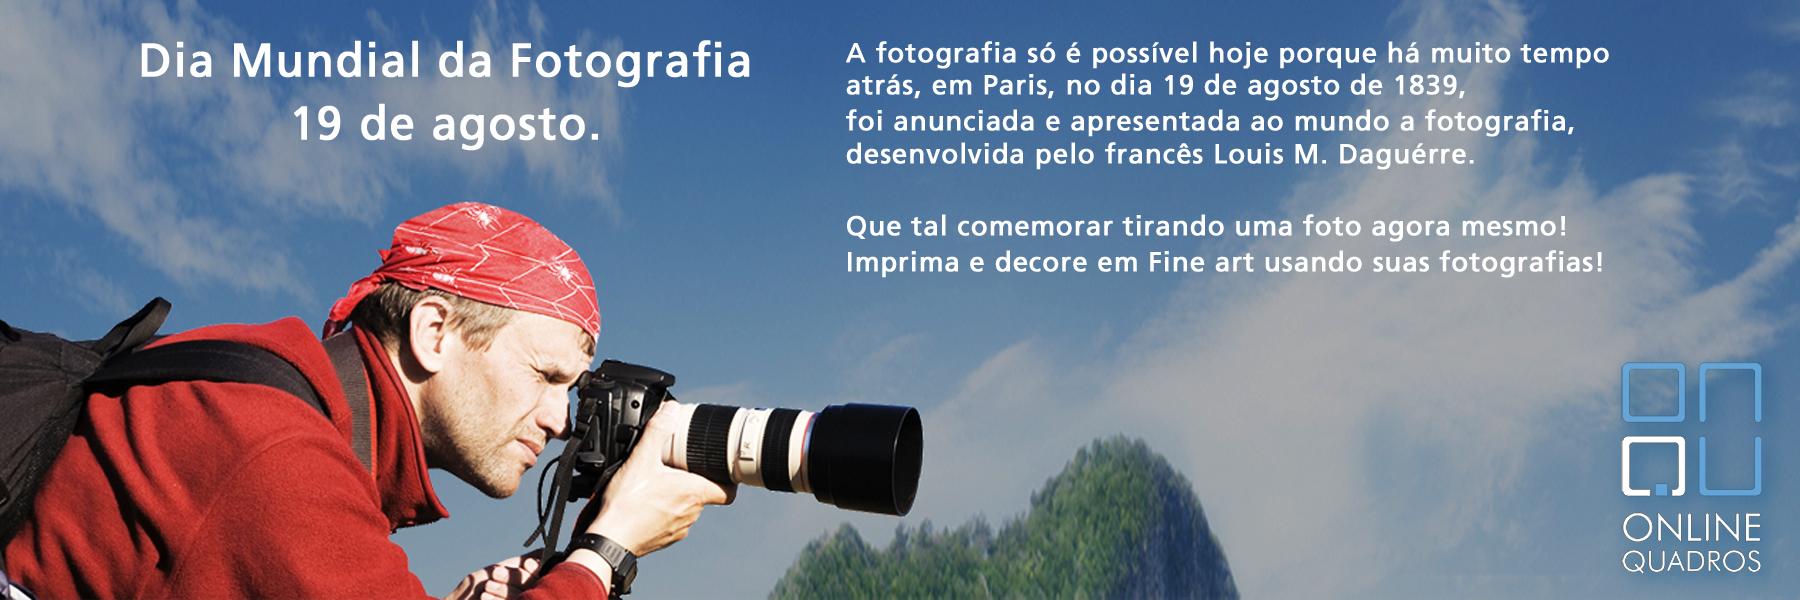 Dia Mundial da Fotografia - 19 de agosto.